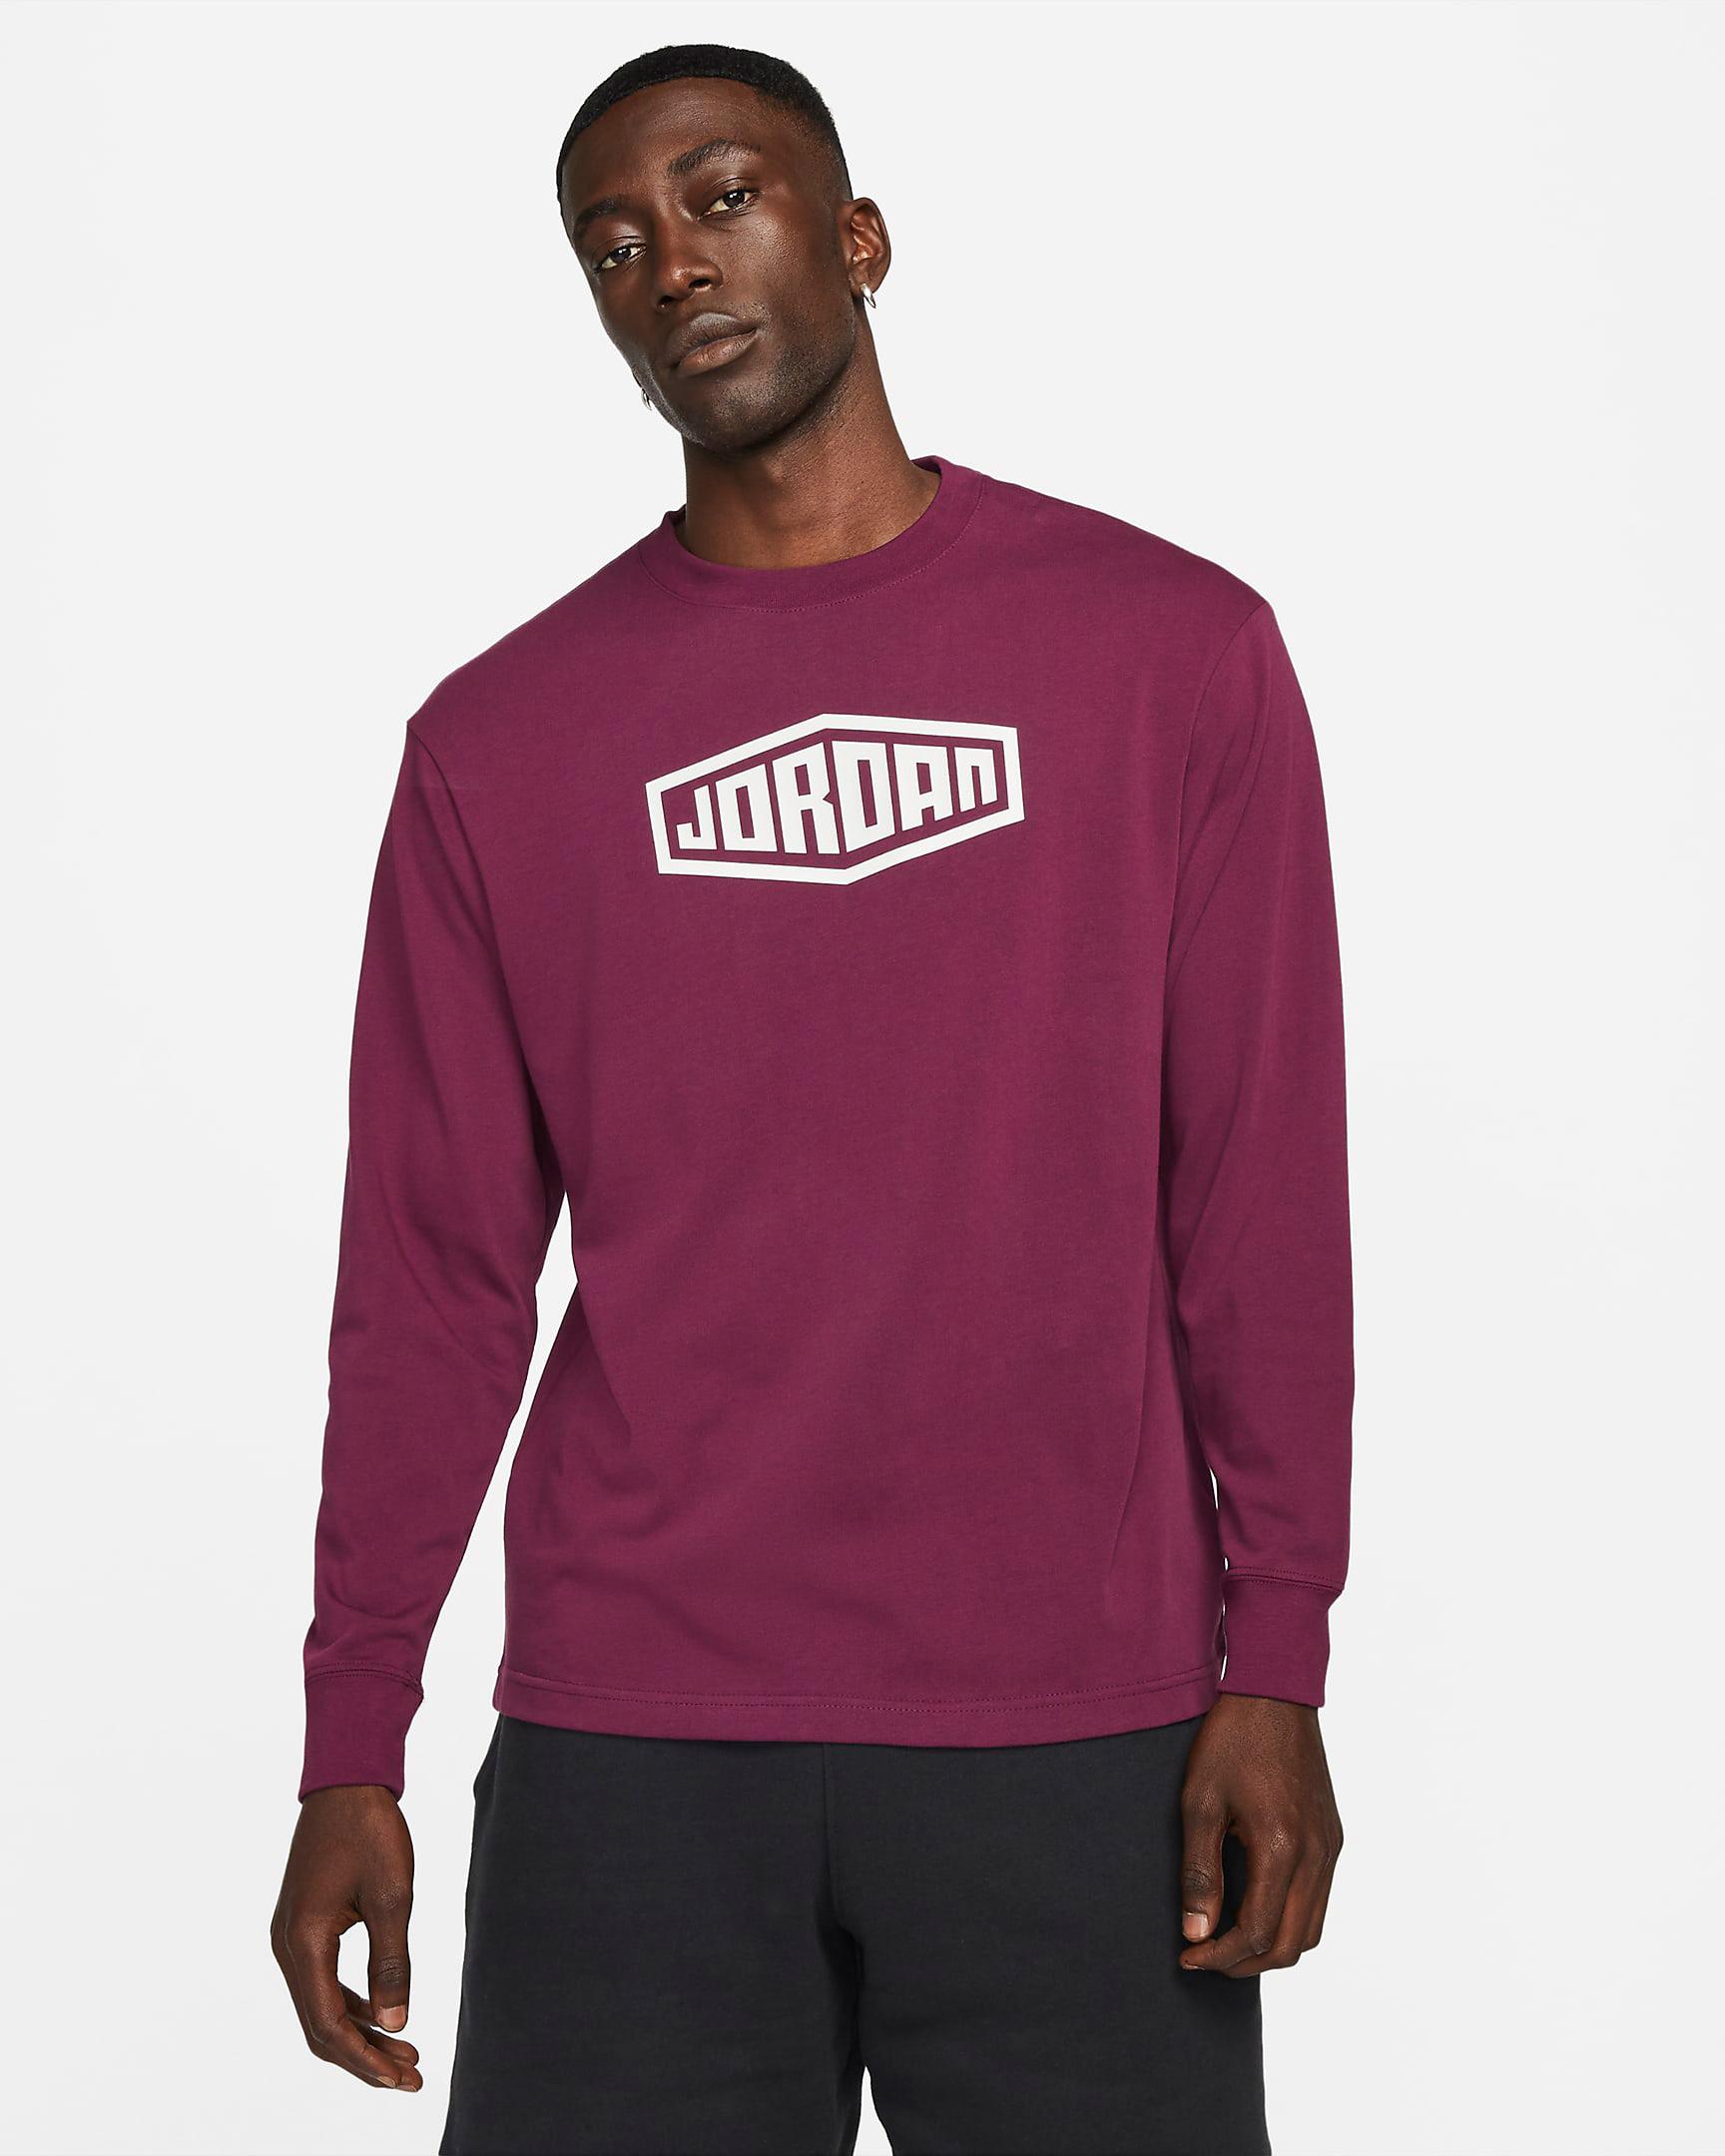 jordan-bordeaux-sport-dna-long-sleeve-shirt-2